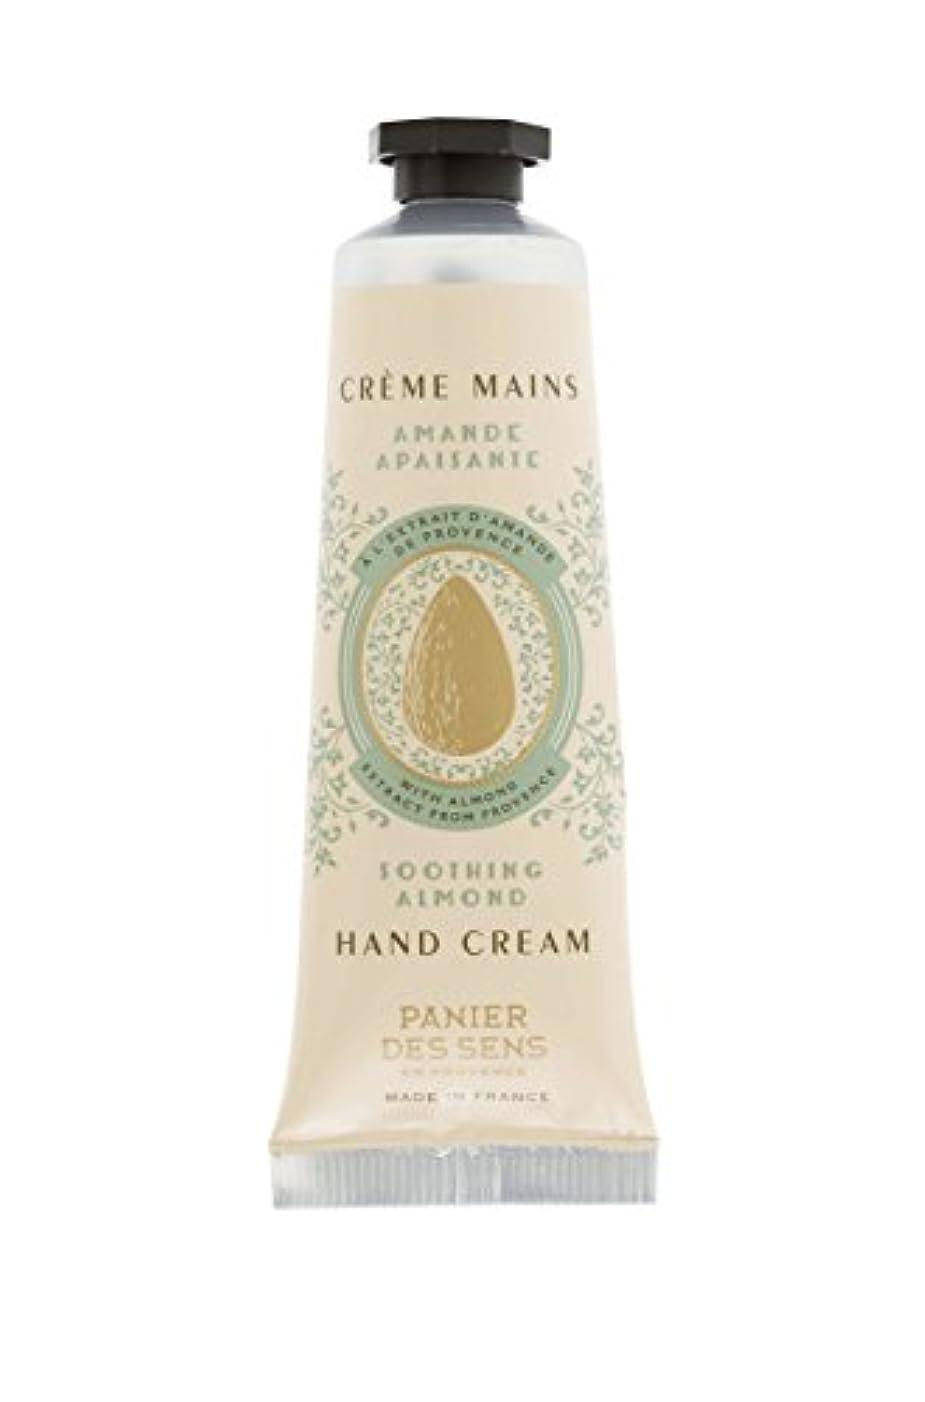 合体ご飯にやにやパニエデサンス アーモンドハンドクリーム 30ml